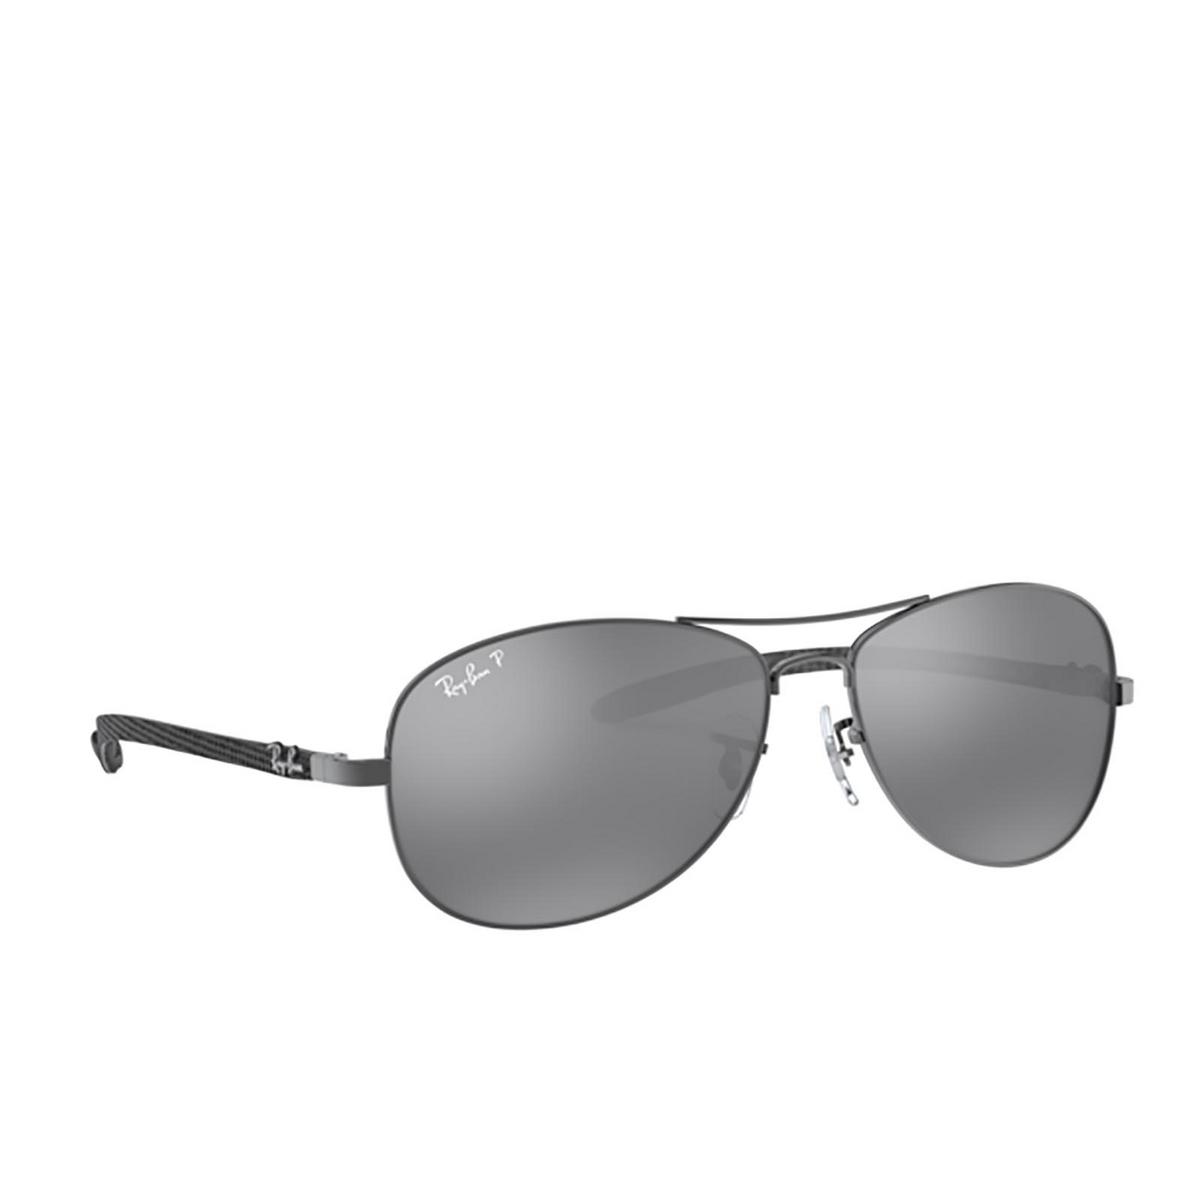 Ray-Ban® Aviator Sunglasses: RB8301 color Shiny Gunmetal 004/K6 - 2/3.